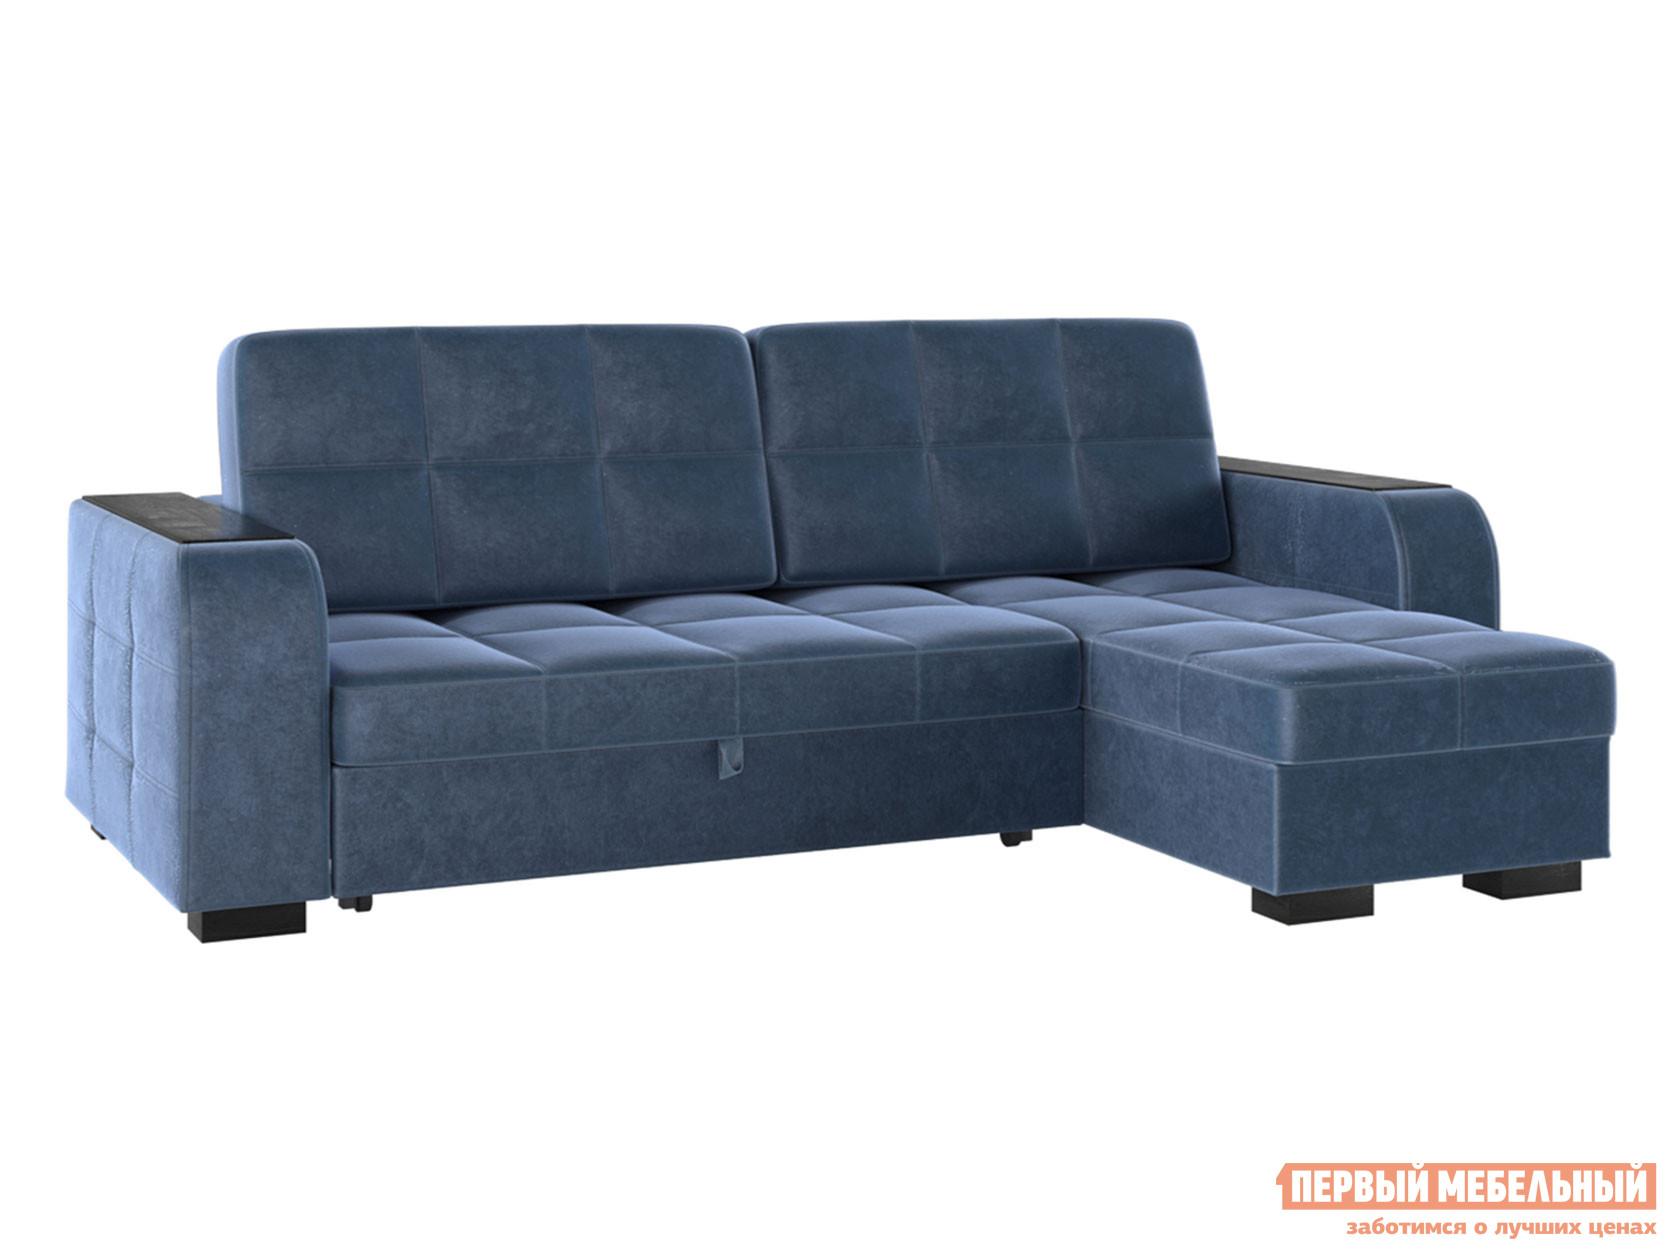 Угловые диваны купить во Vseblaga.ru